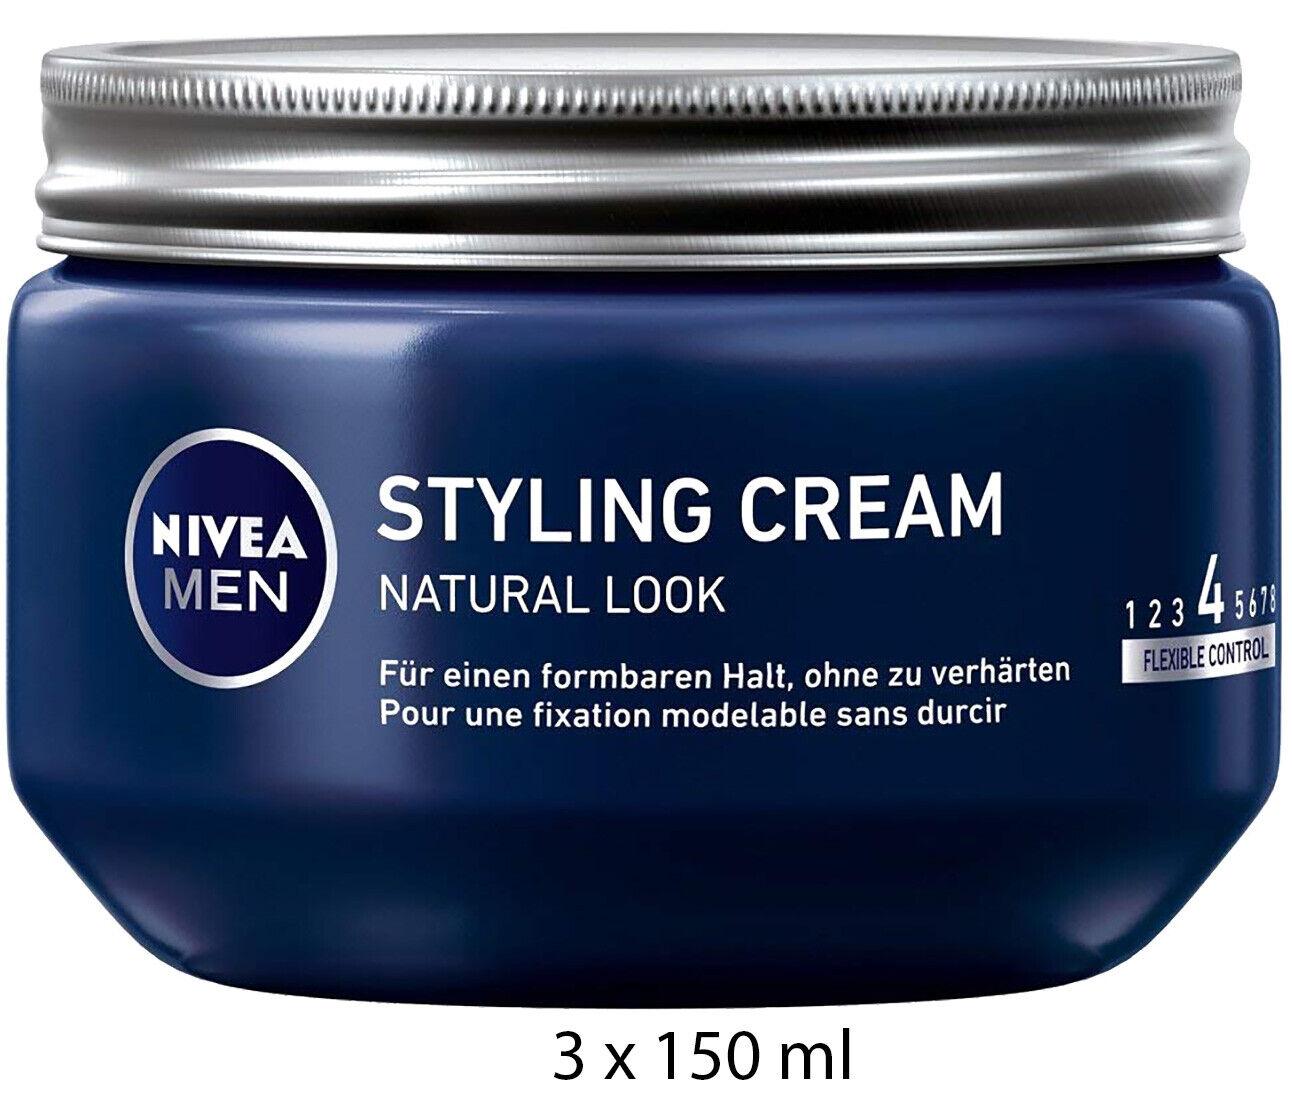 NIVEA MEN Styling Cream Haarcreme Haargel für einen Natural Look, 3 x 150ml